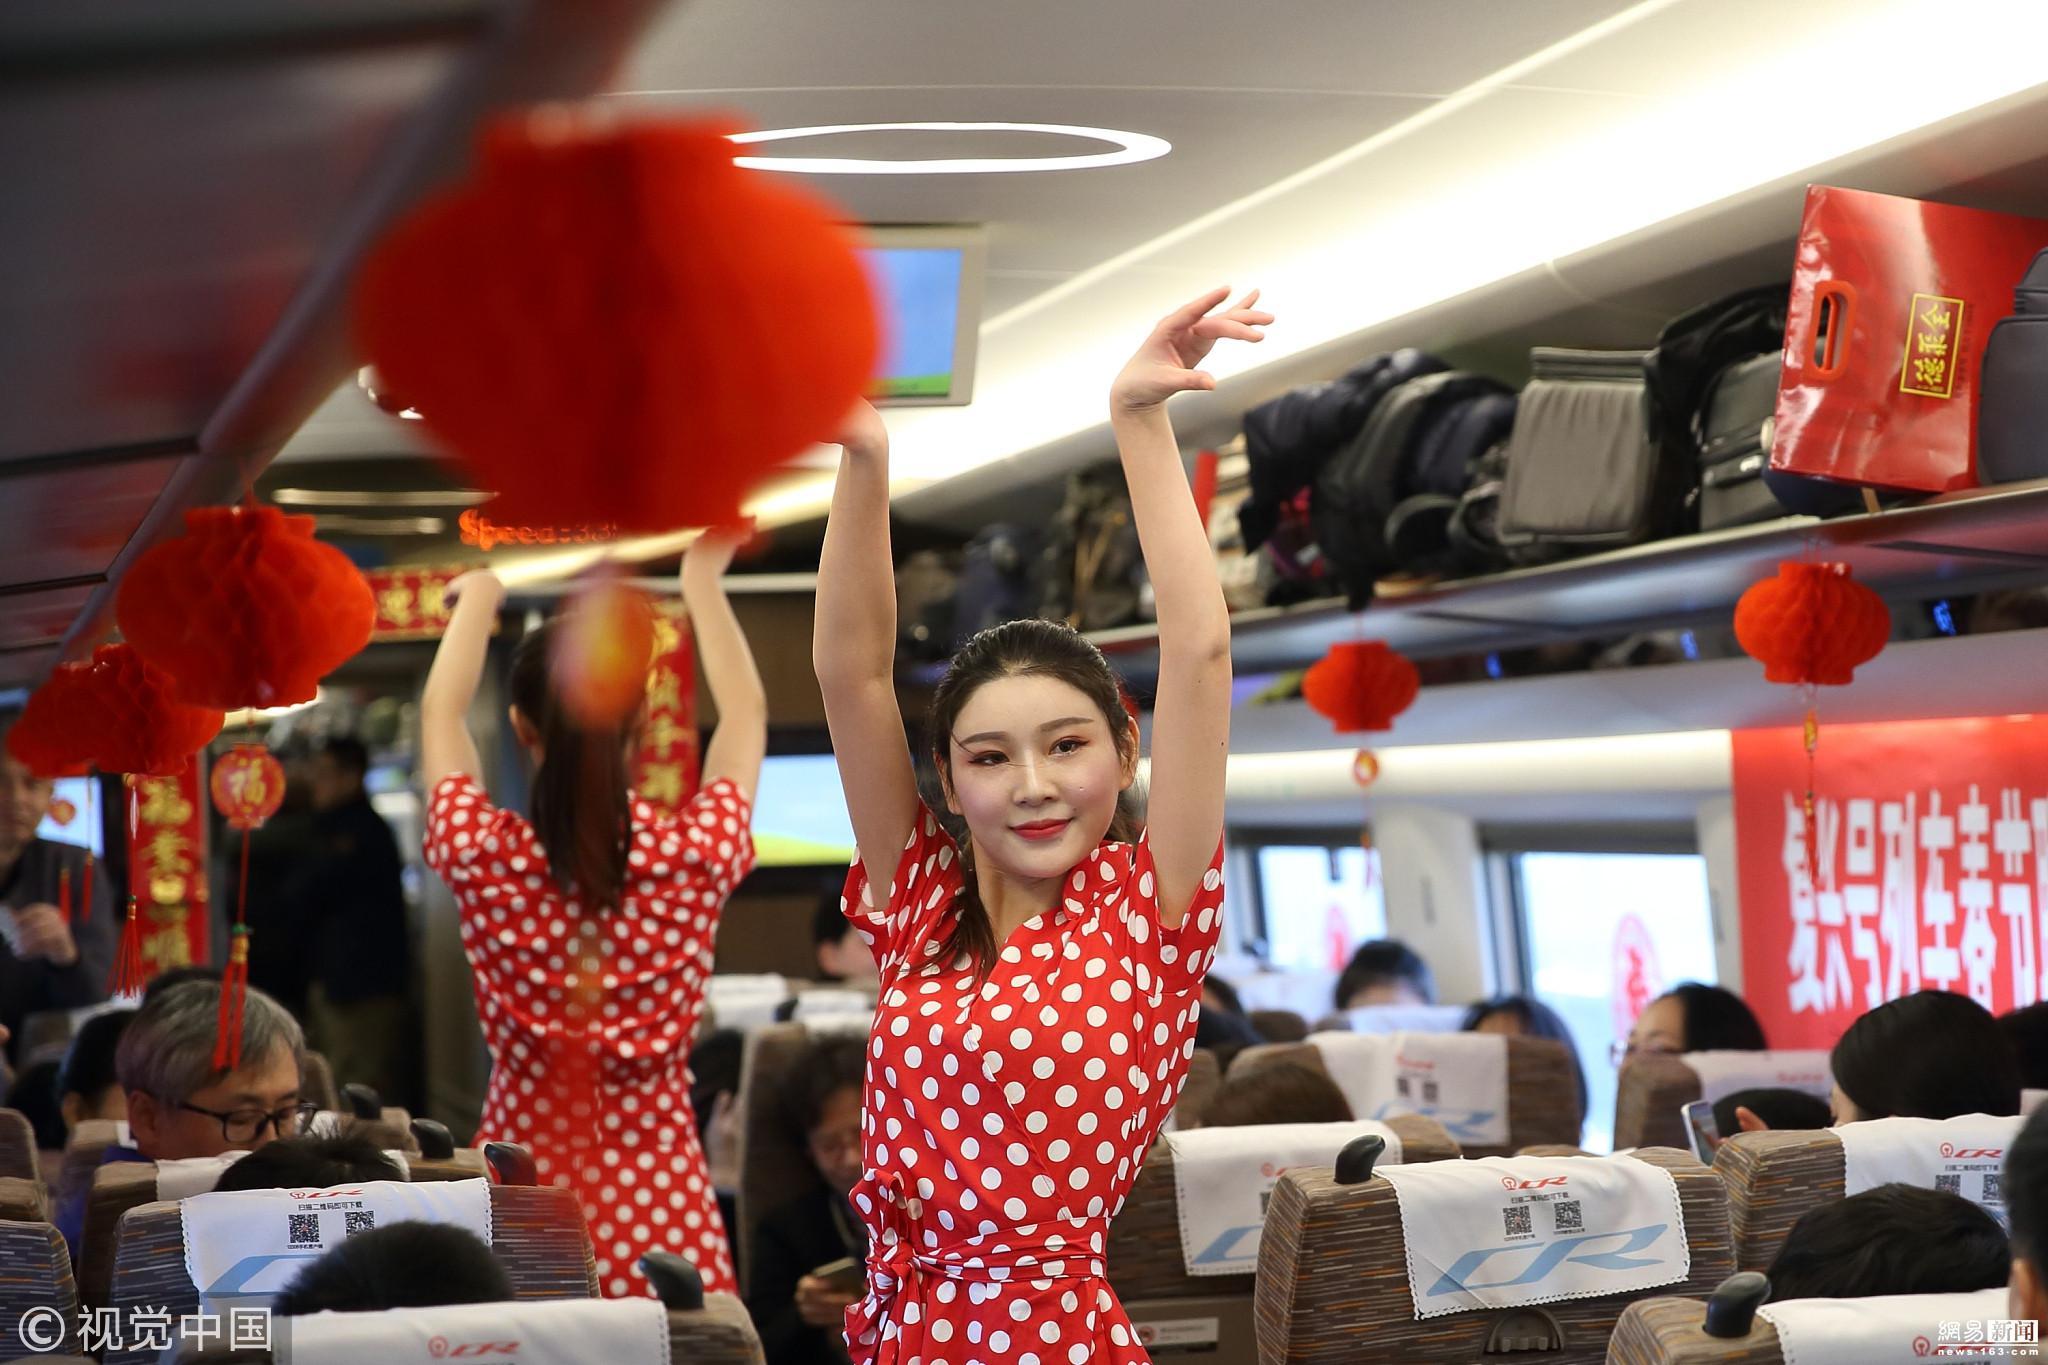 复兴号上开演列车春晚 为旅客送新春祝福 ! - 周公乐 - xinhua8848 的博客